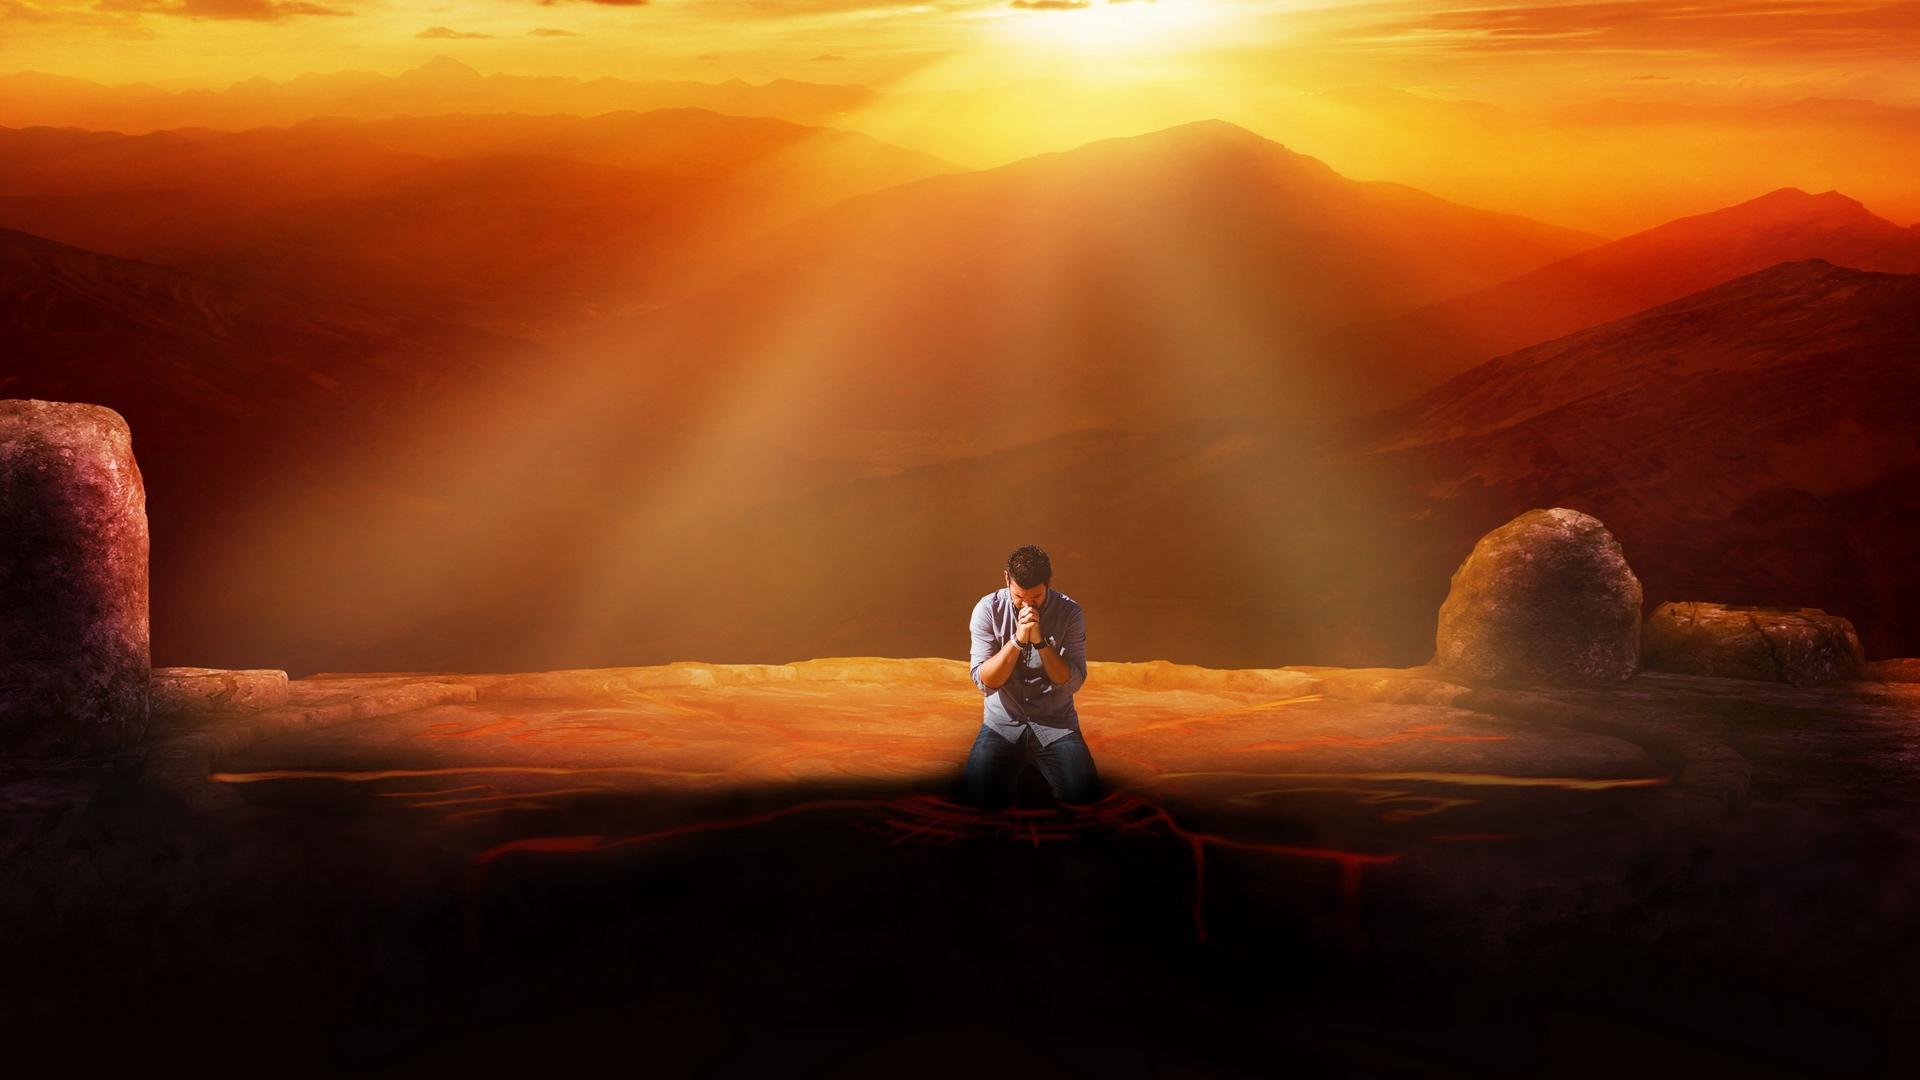 Melihat Kemuliaan Allah (Yohanes 11 : 39-44)